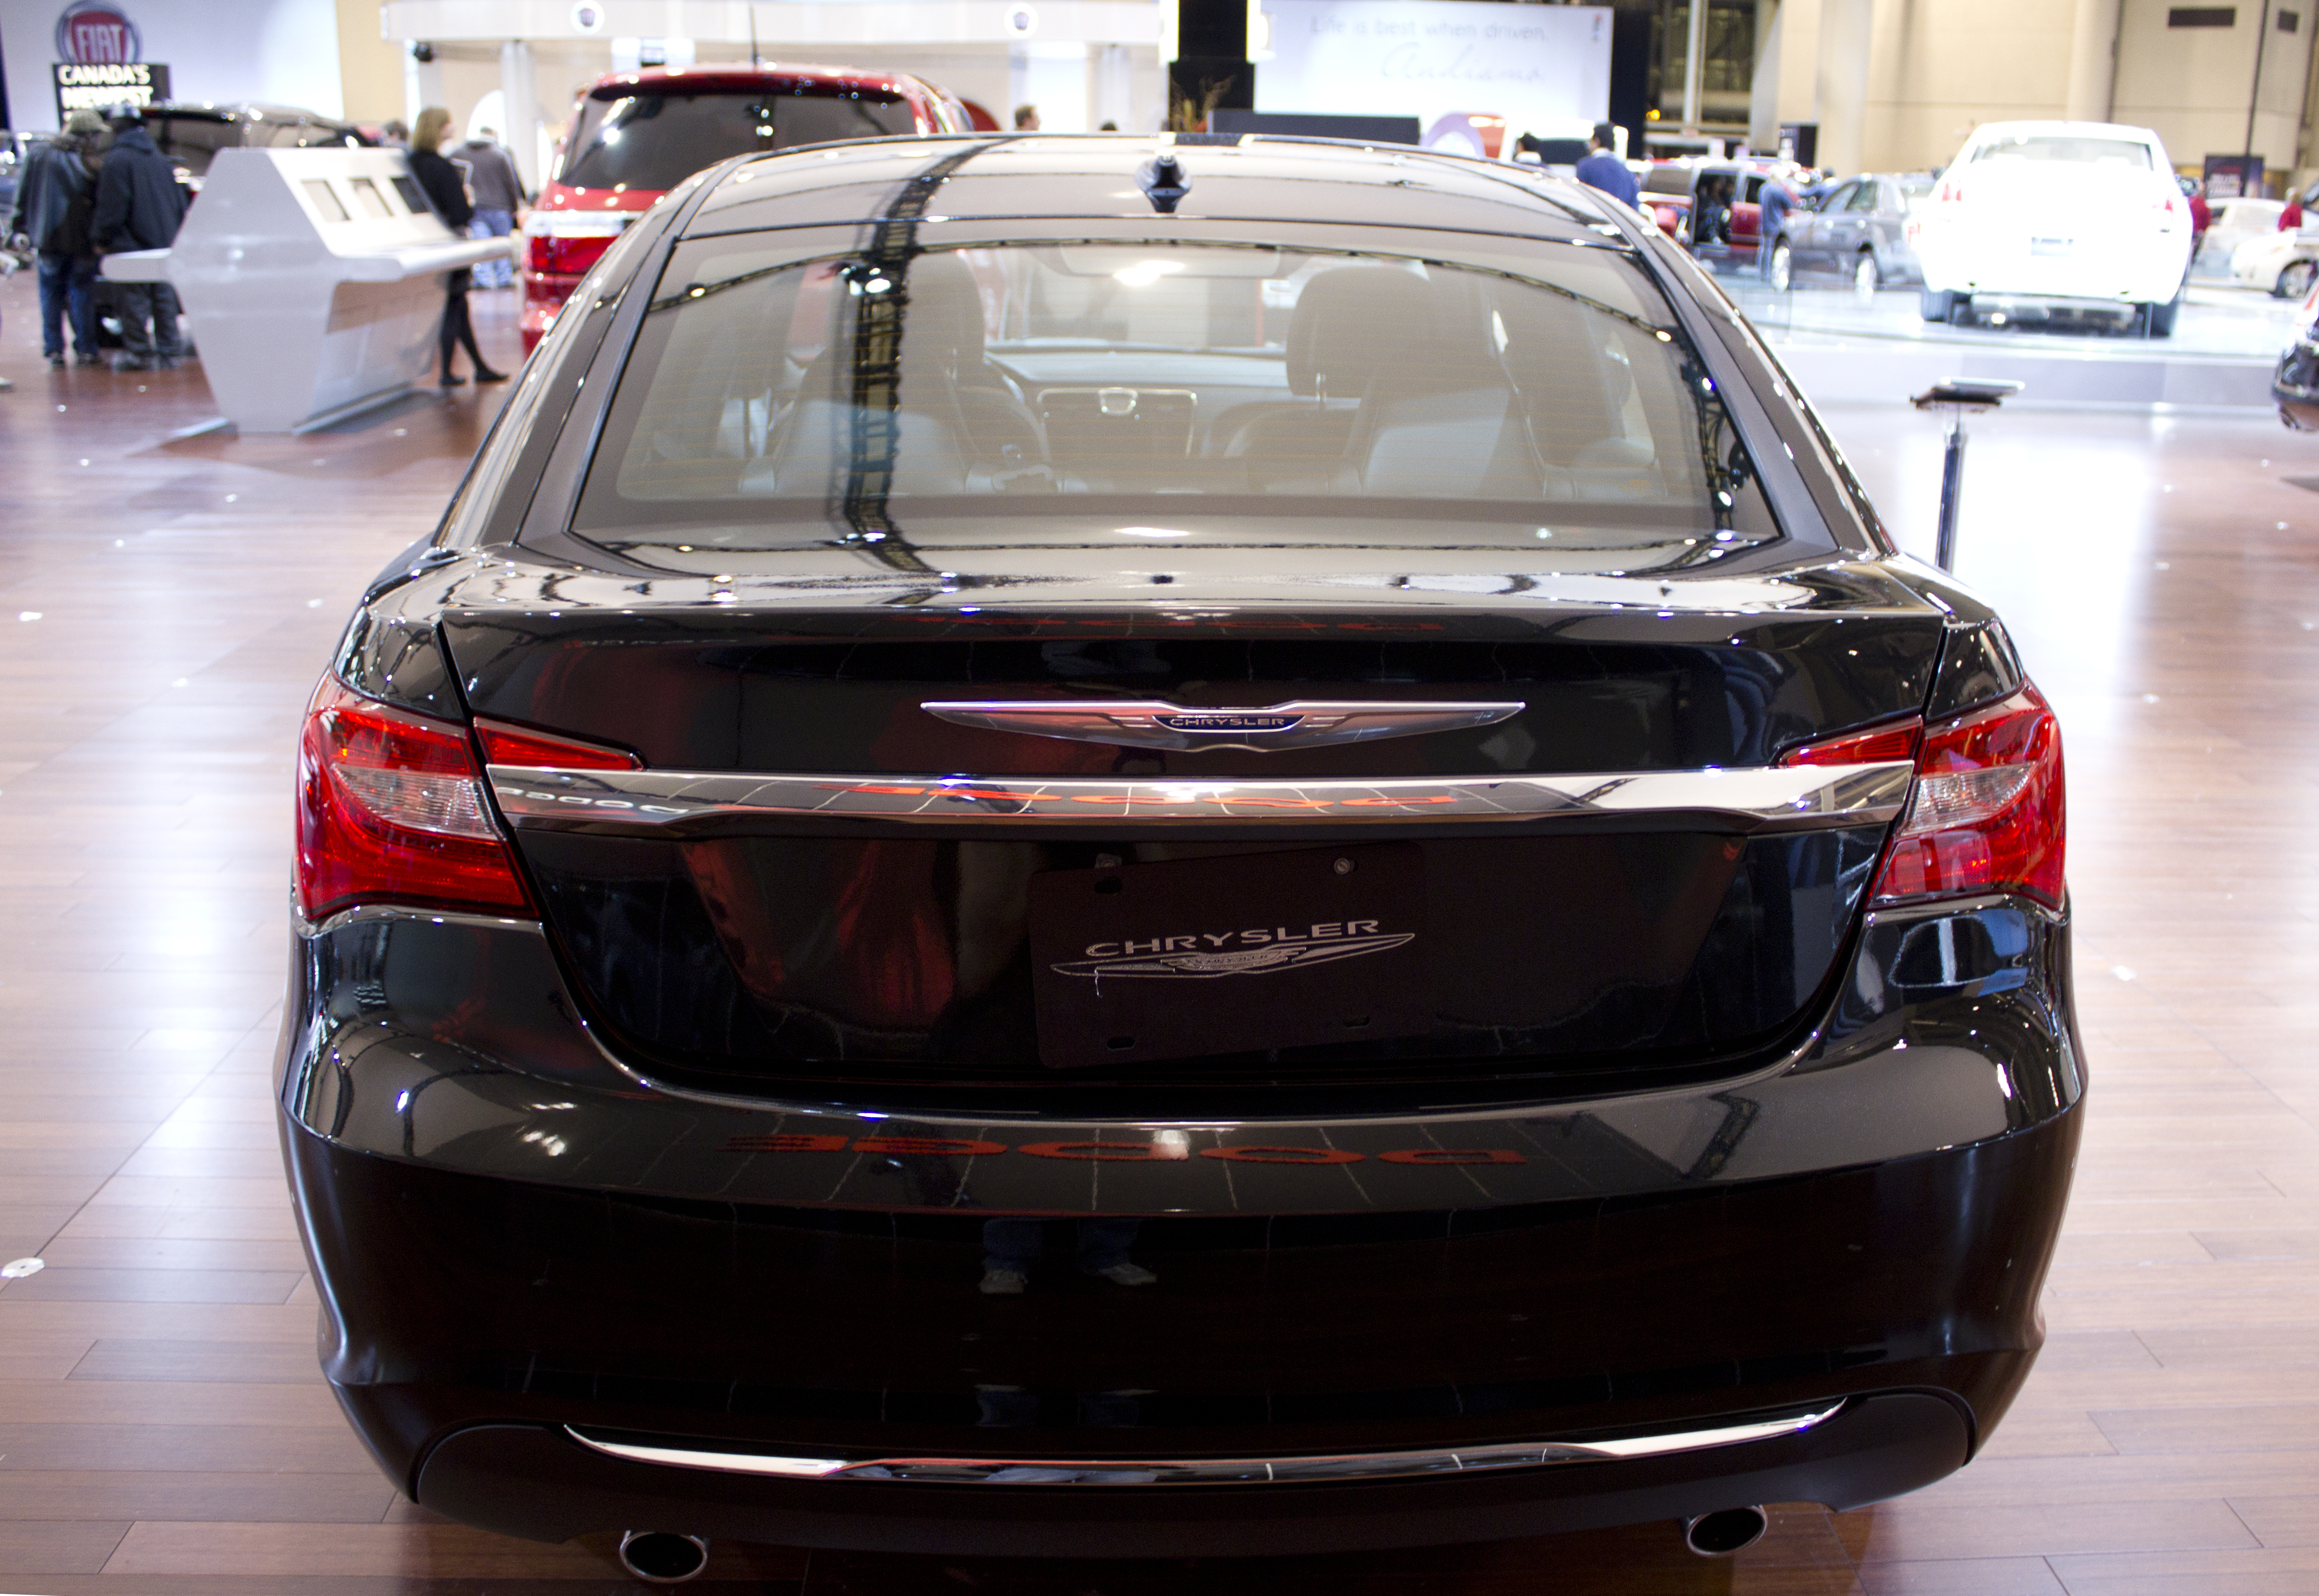 Chrysler 200 Limited >> File:2011 Chrysler 200 Limited back.jpg - Wikimedia Commons